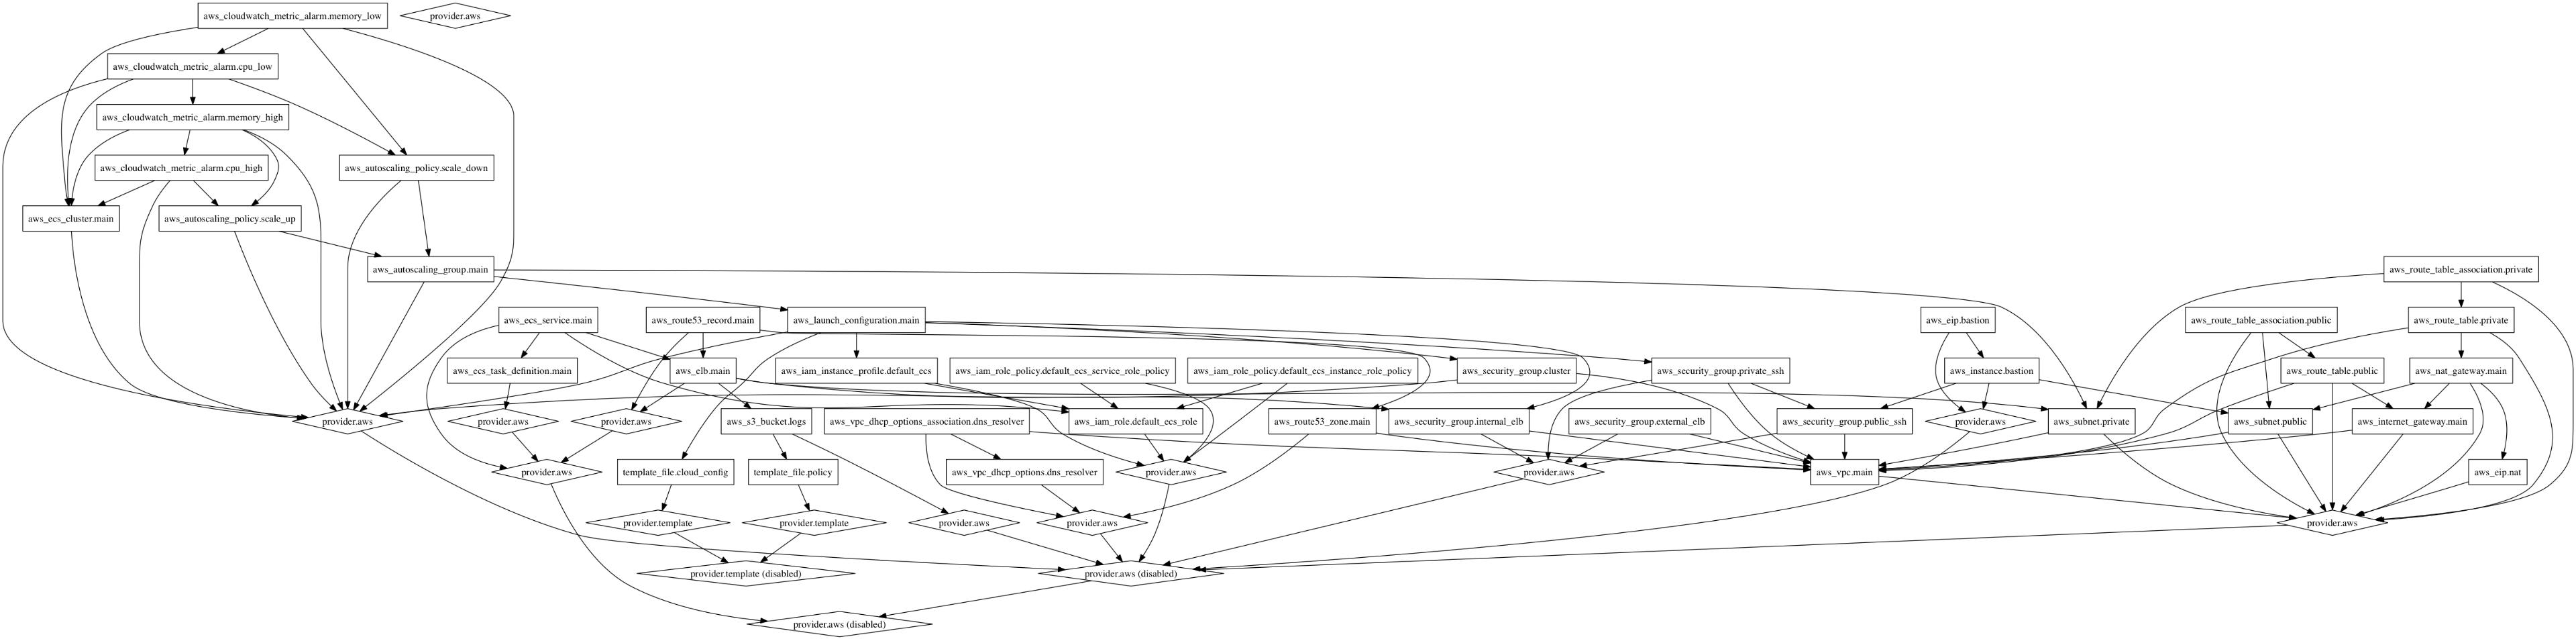 The Segment AWS Stack · Segment Blog